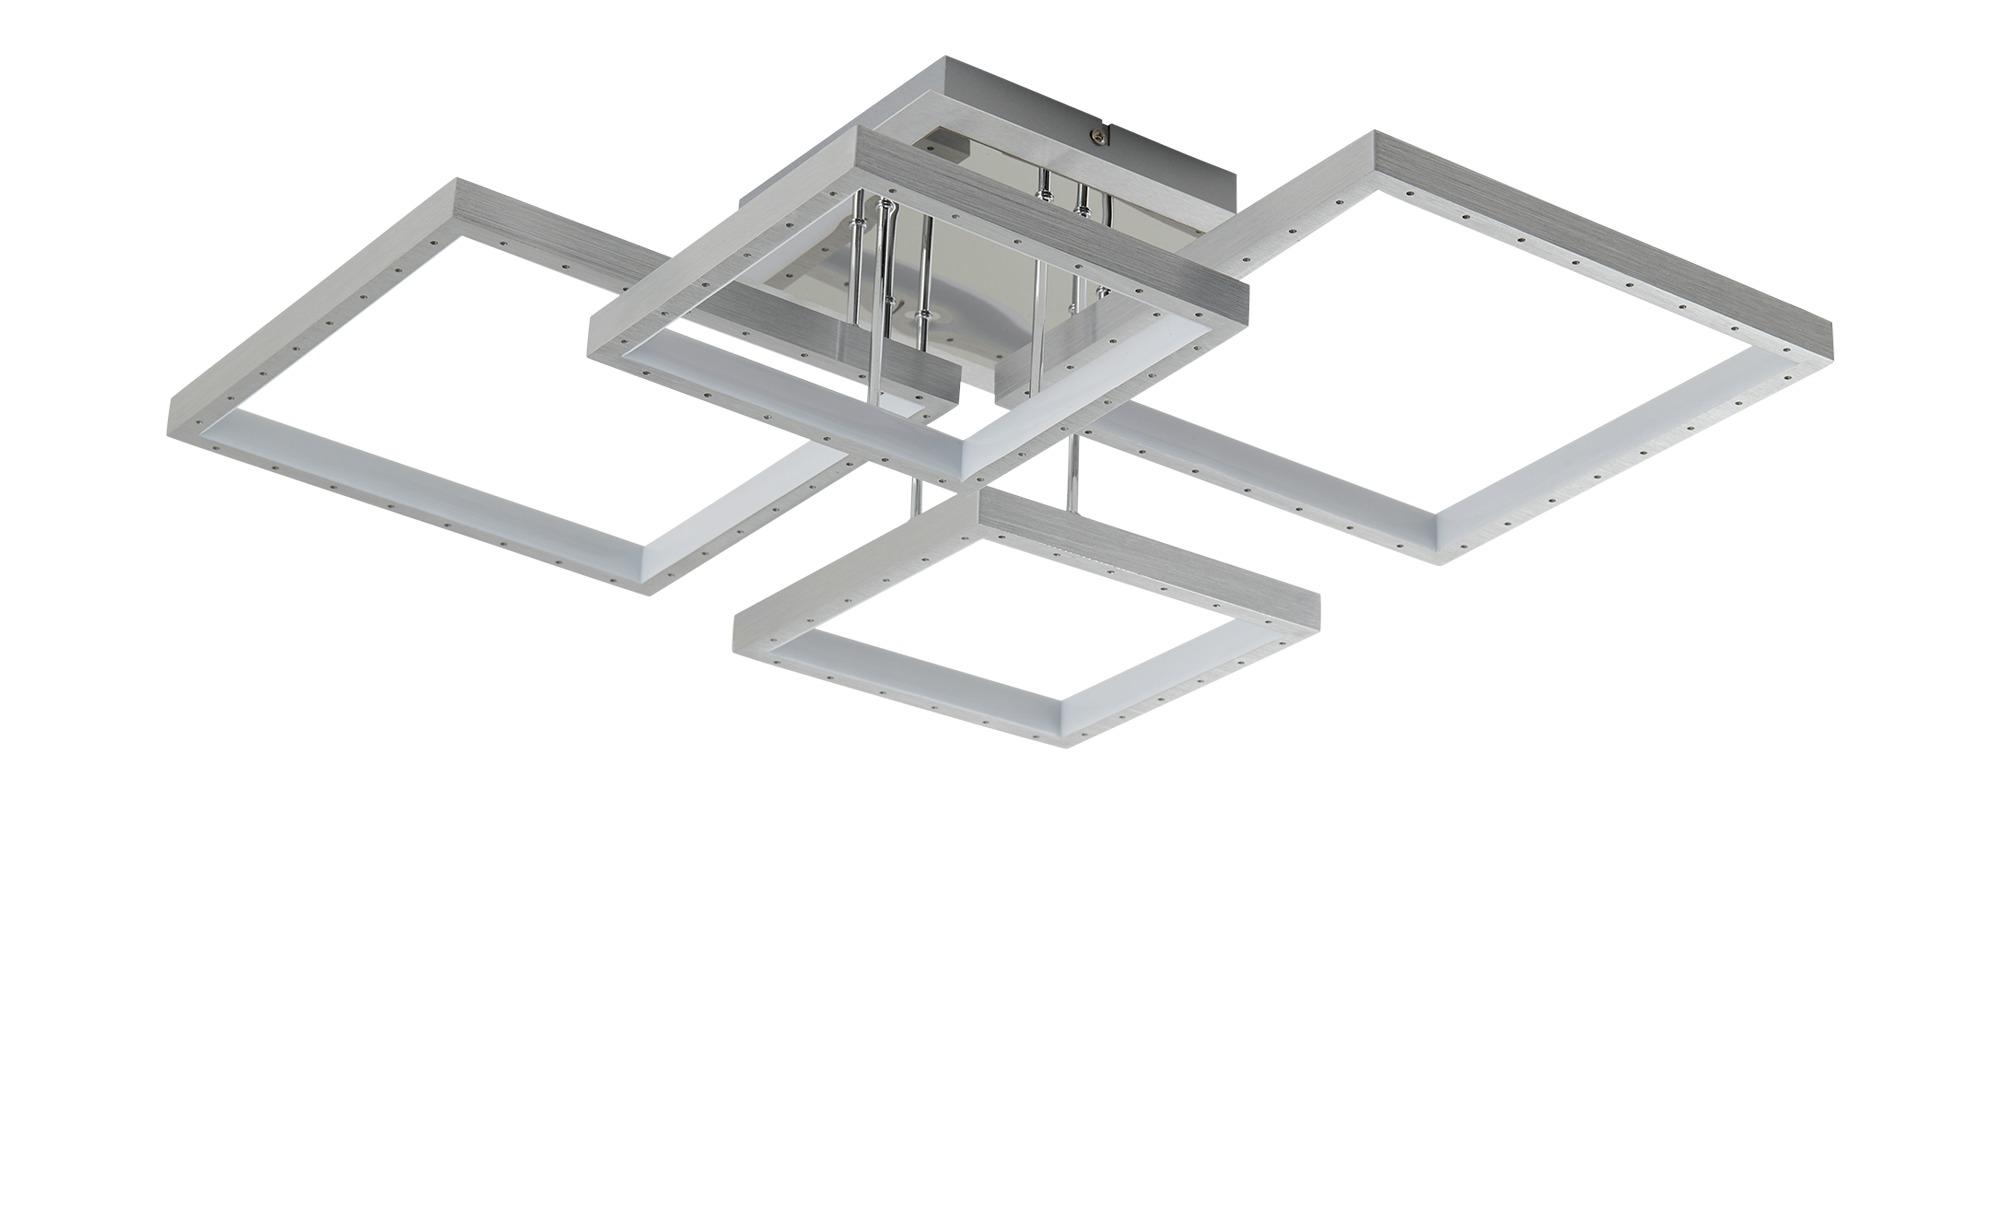 KHG LED-Deckenleuchte, 4-flammig, chrom/Alu ¦ silber ¦ Maße (cm): B: 59,5 H: 15 Lampen & Leuchten > Innenleuchten > Deckenleuchten - Höffner